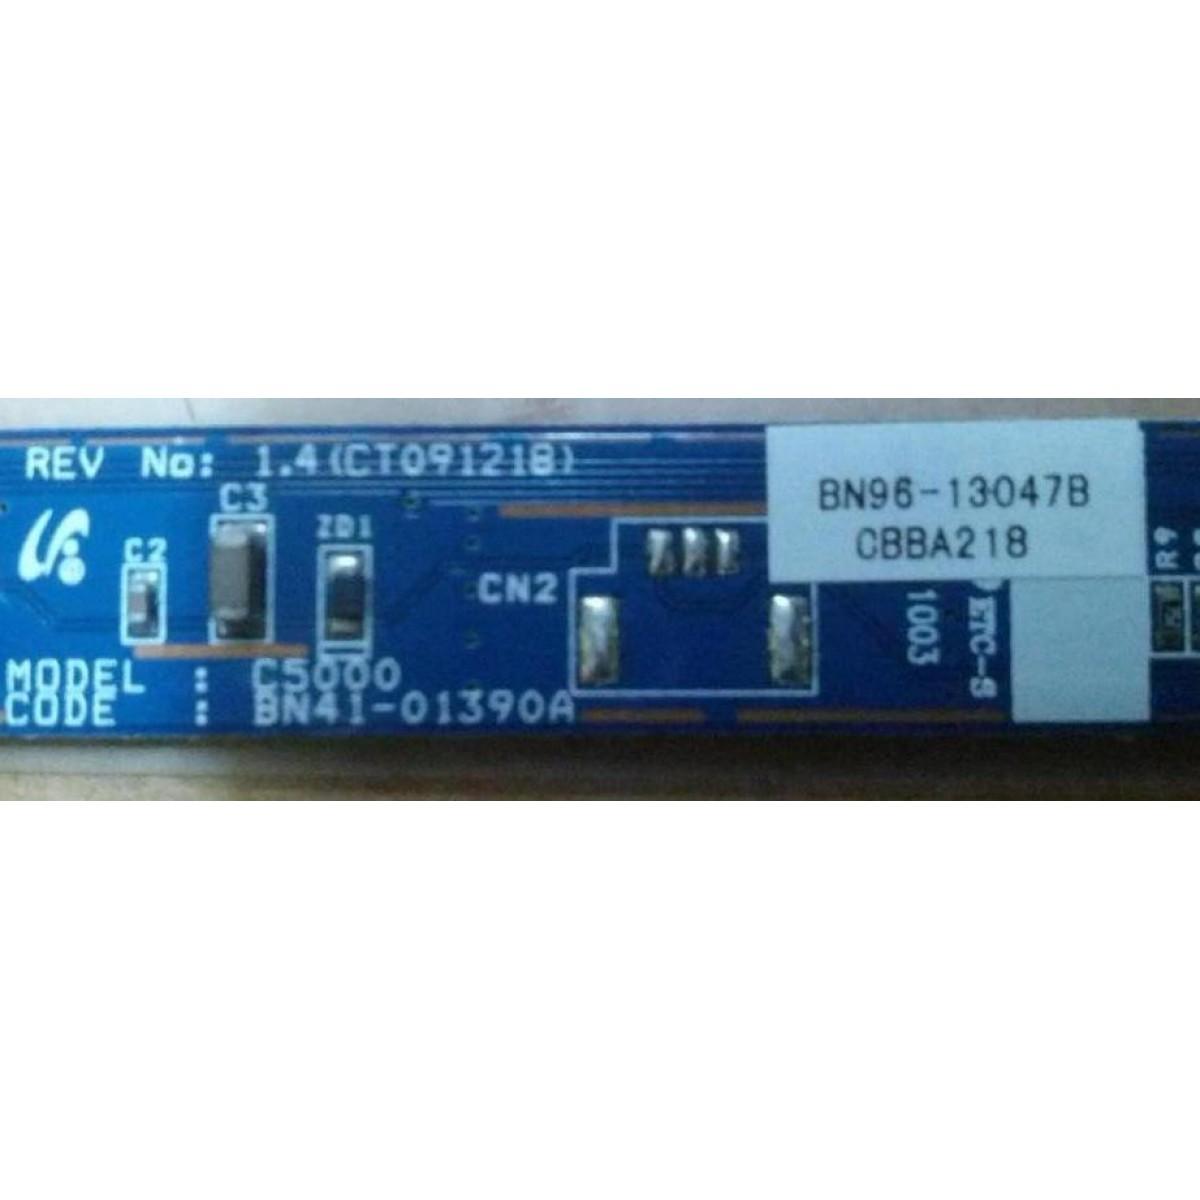 SAMSUNG UA32C5000 P-TOUCH FUNCTION IR BN96-13047B BN41-01390A